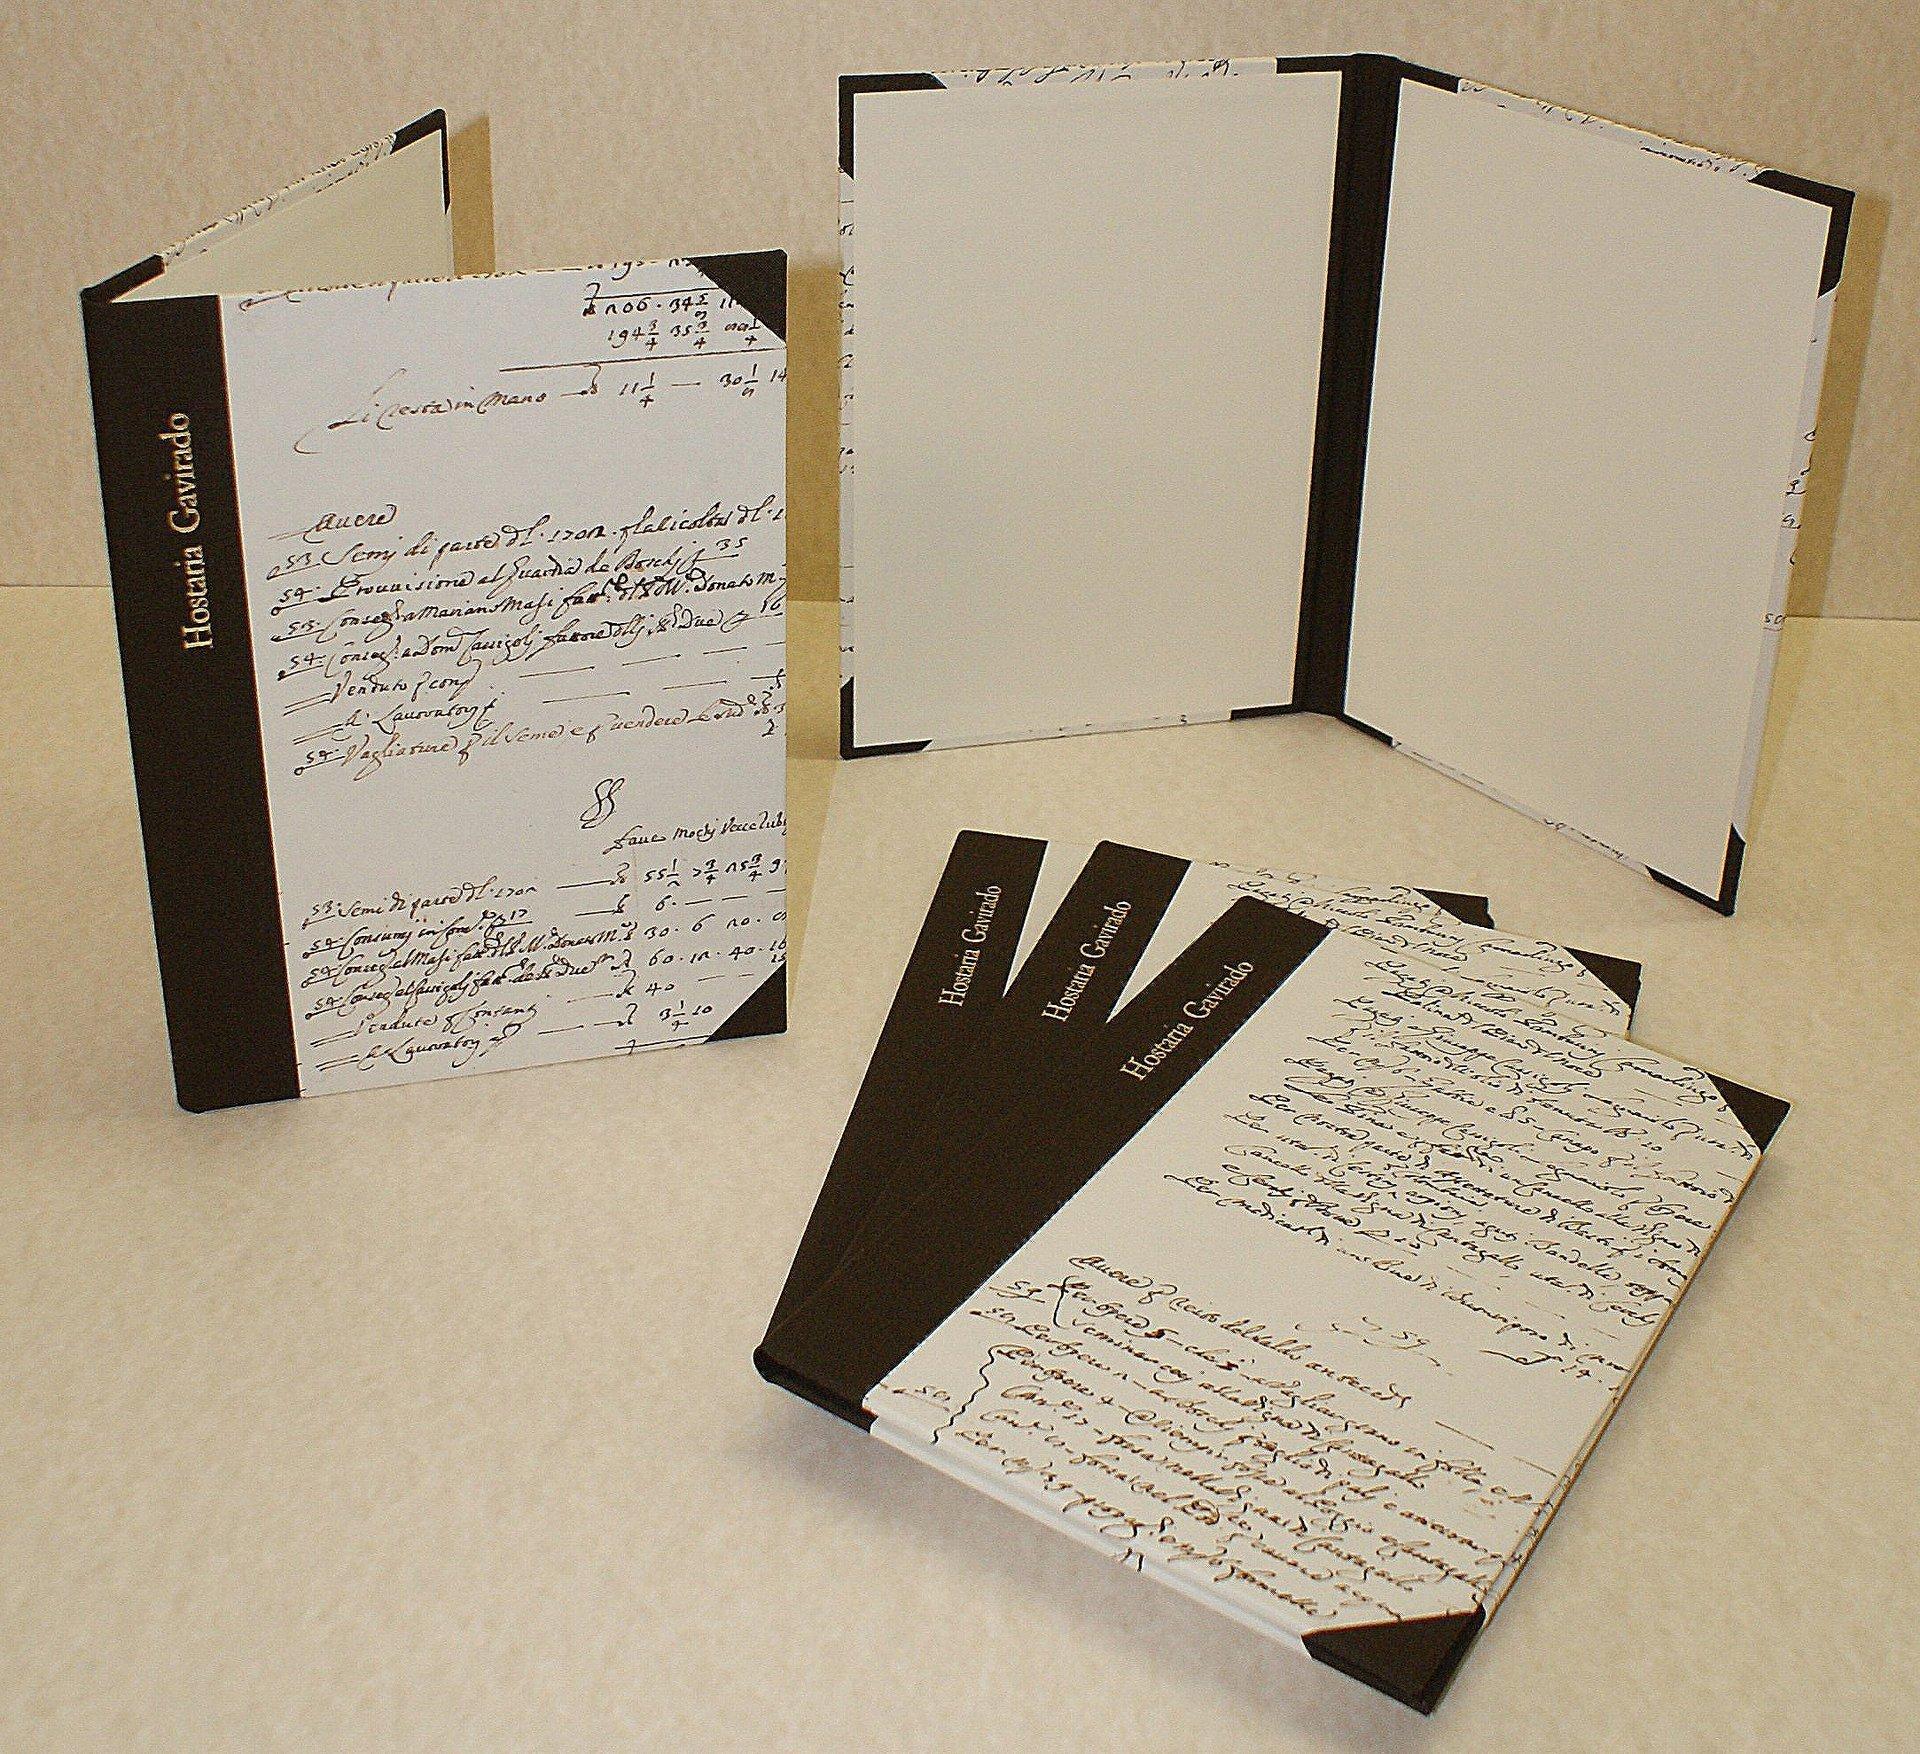 libri con pertina bianca e scritte color legno appena rilegato